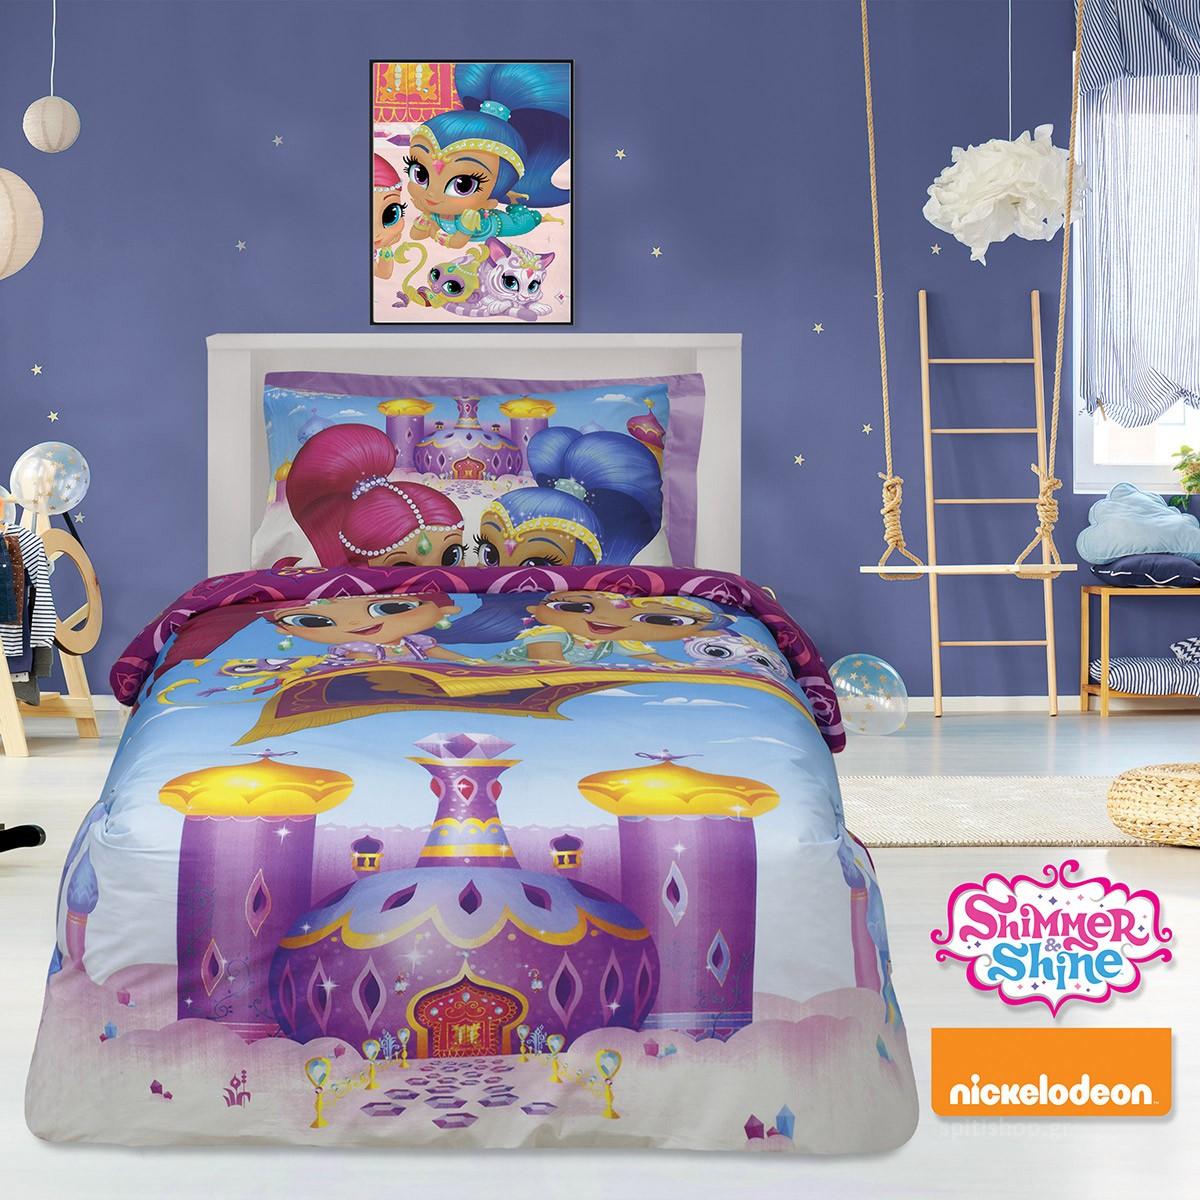 Κουβερλί Μονό (Σετ) Das Home Shimmer & Shine 5002 90197